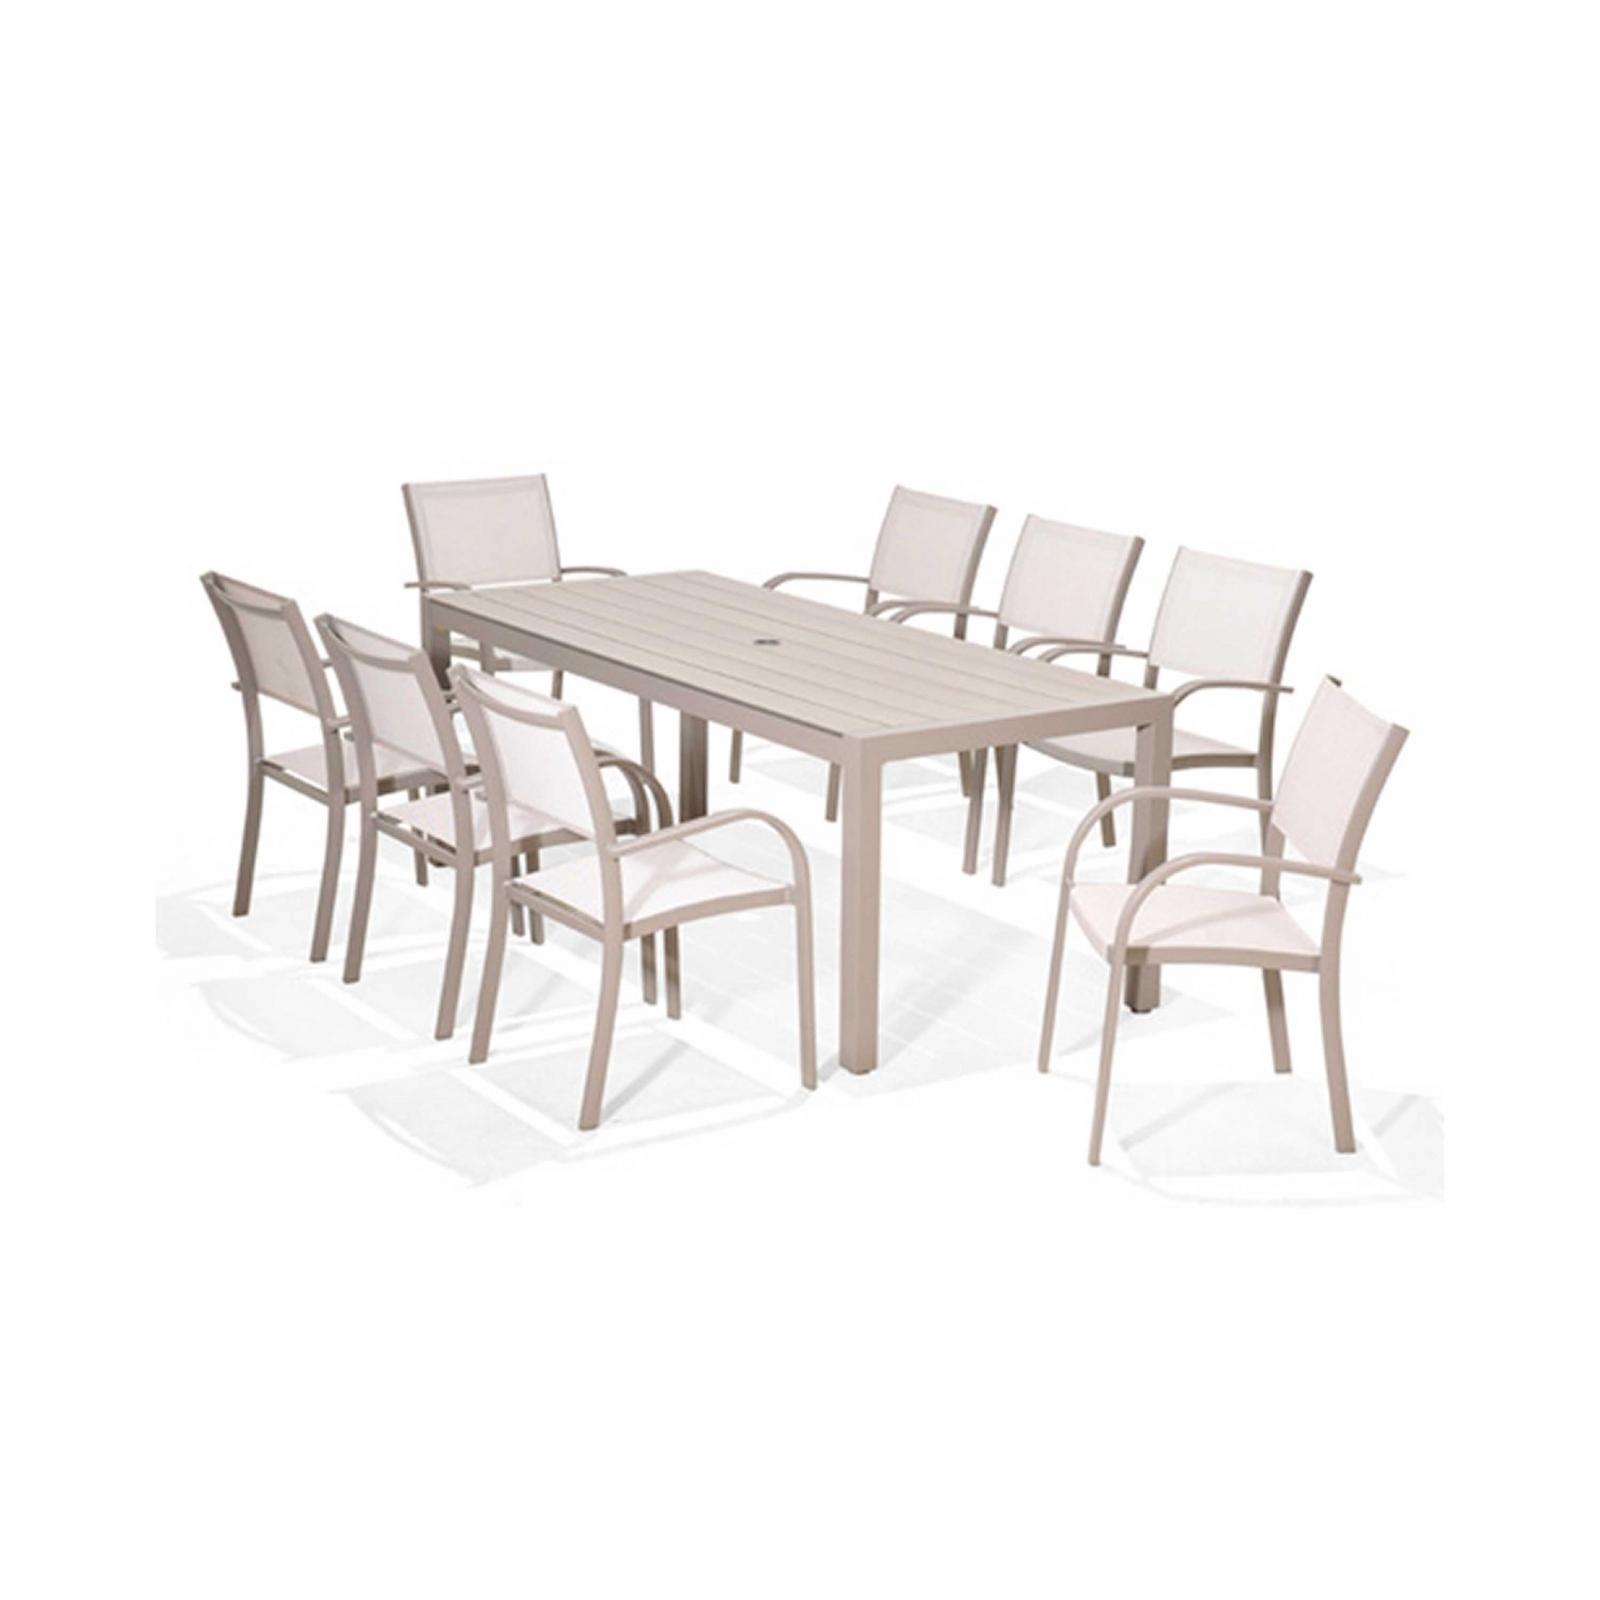 Bộ bàn ghế ngoài trời 8 ghế2/4